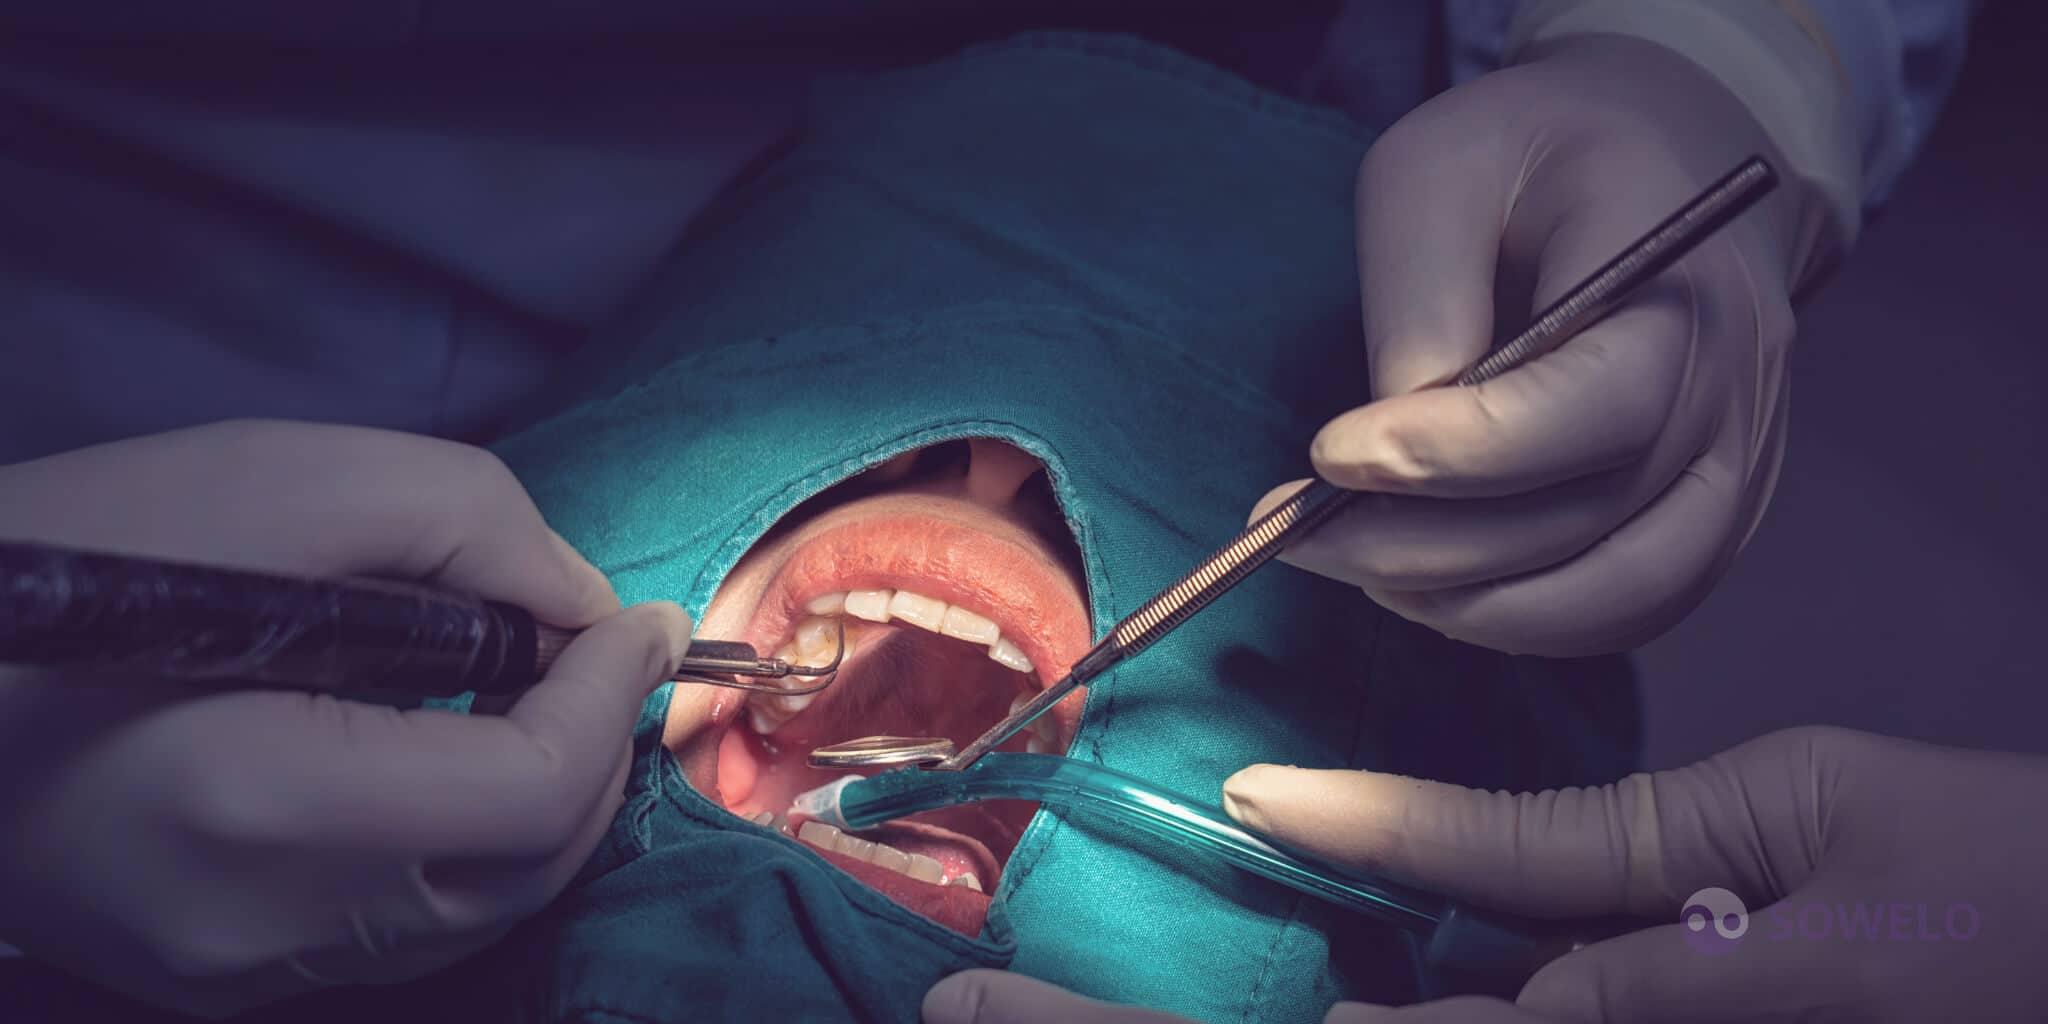 Čiščenje implantata z ultrazvokom